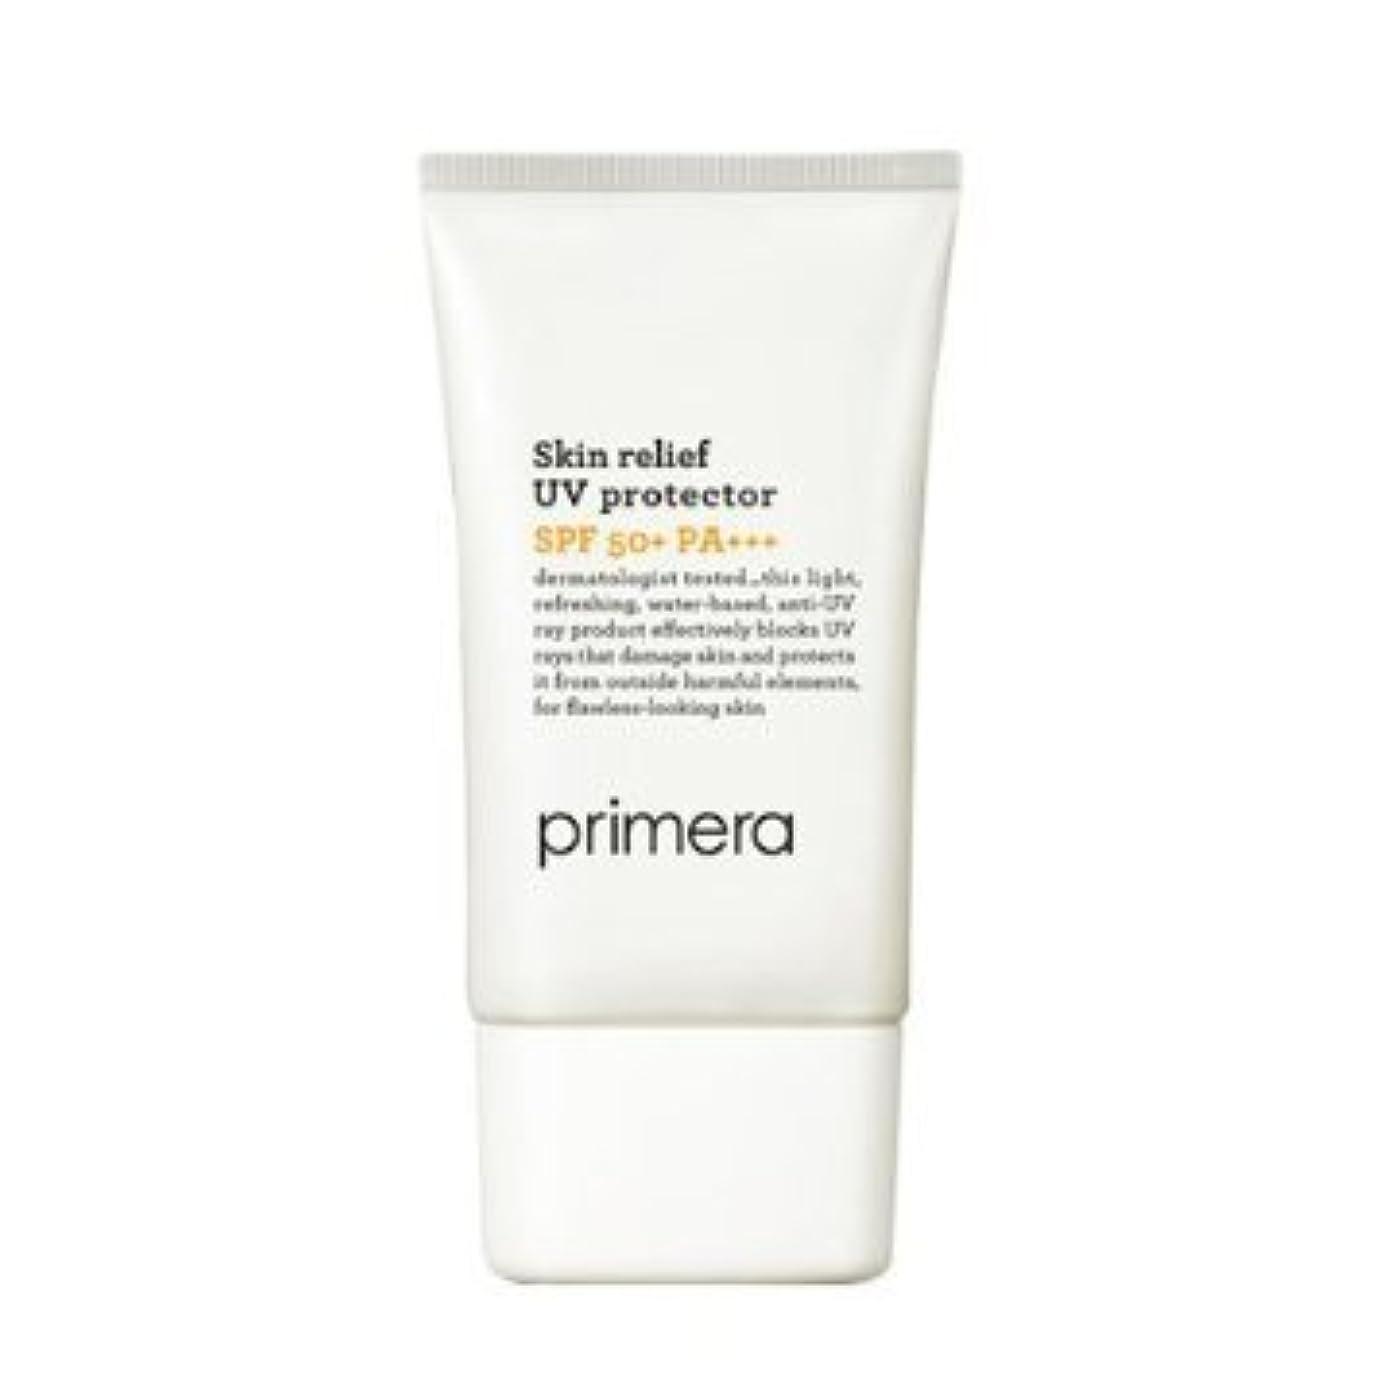 爆弾カラスクラスKorean Cosmetics, Amorepacific Primera Skin Relief UV Protector SPF50+ PA+++ 50ml[行輸入品]